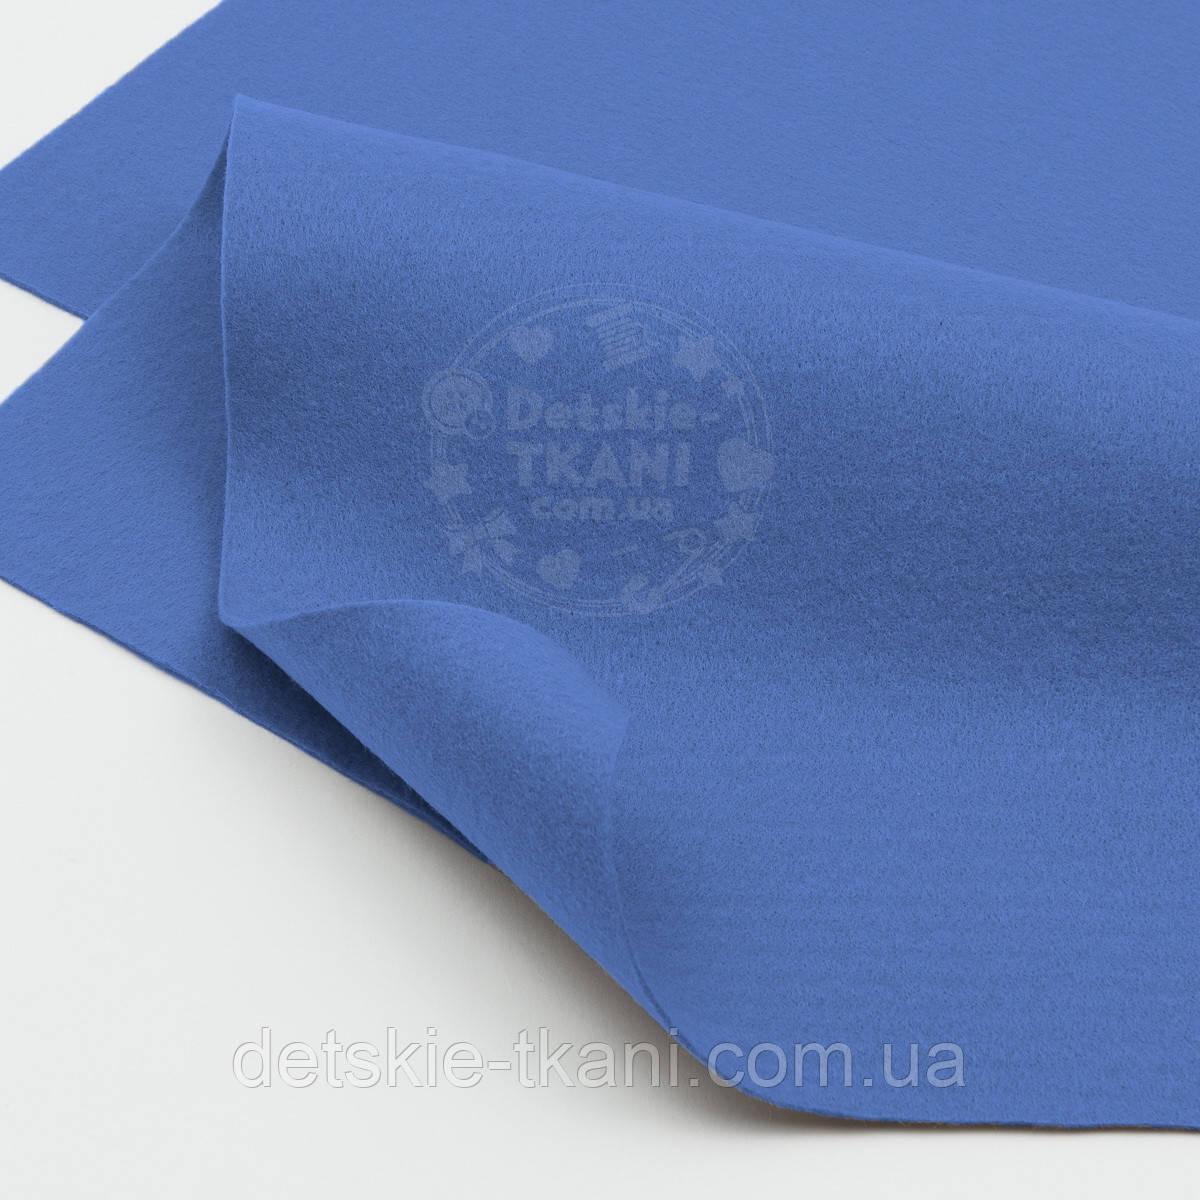 Мягкий листовой фетр светло-синего цвета 20*30 см (ФМ-29)